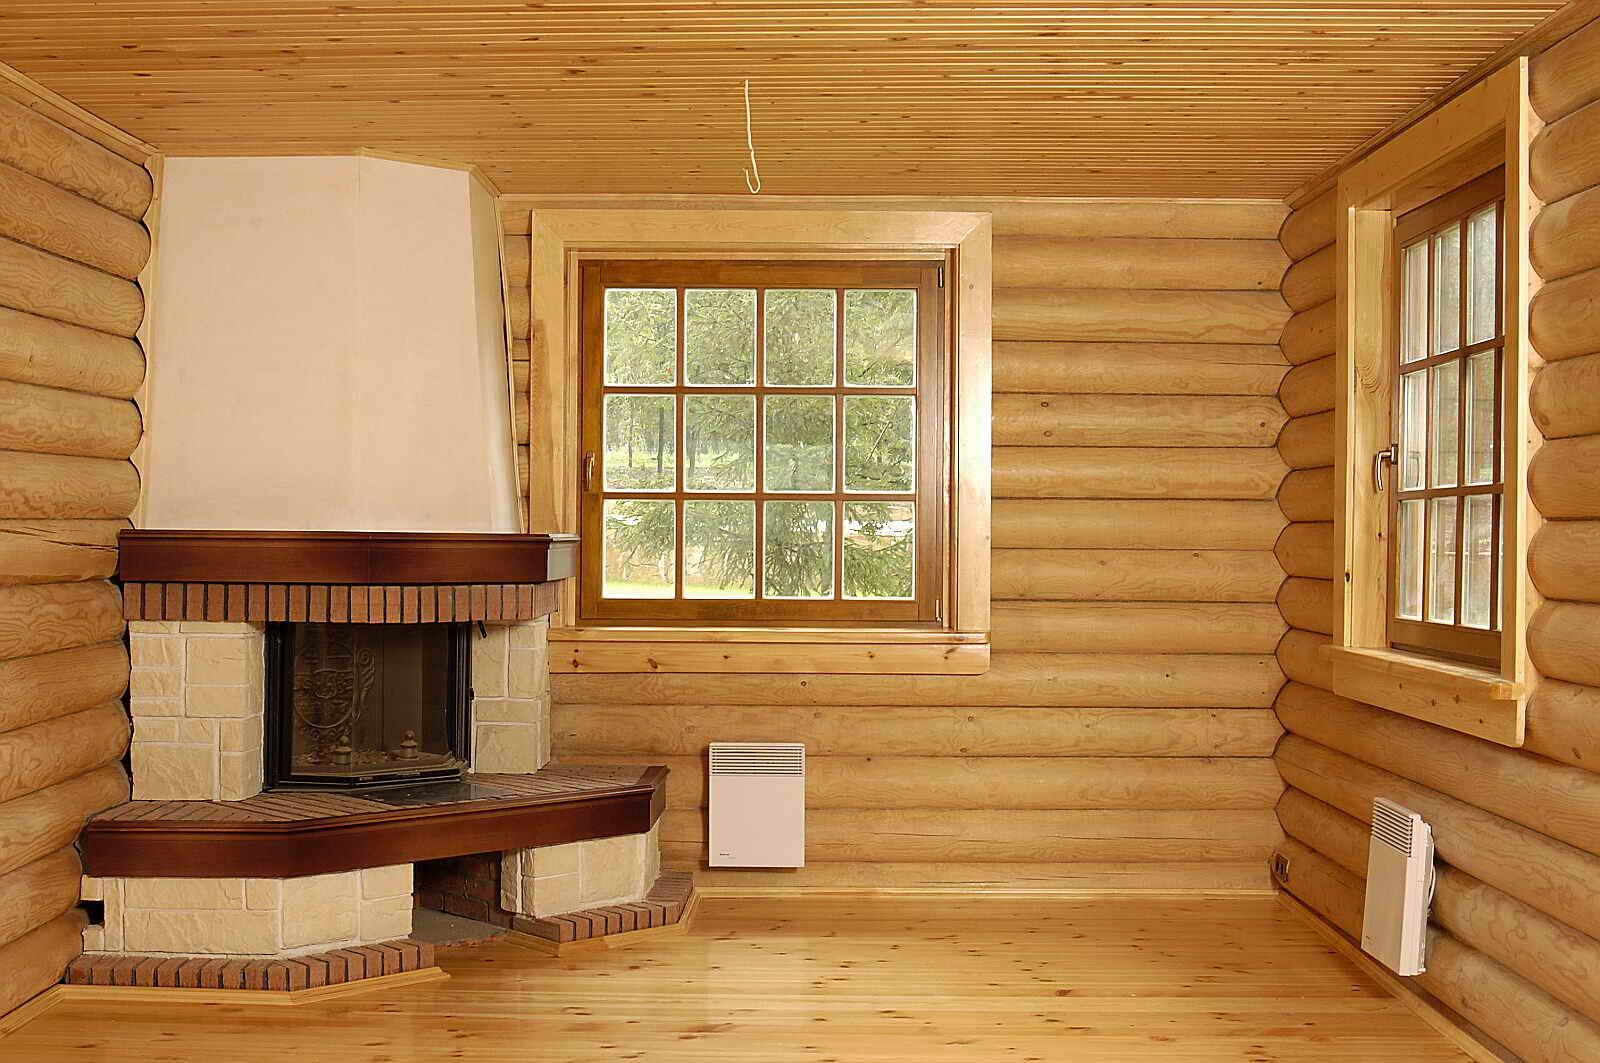 Отделка «блок-хаусом» внутри дома: идеи дизайна и способы монтажа